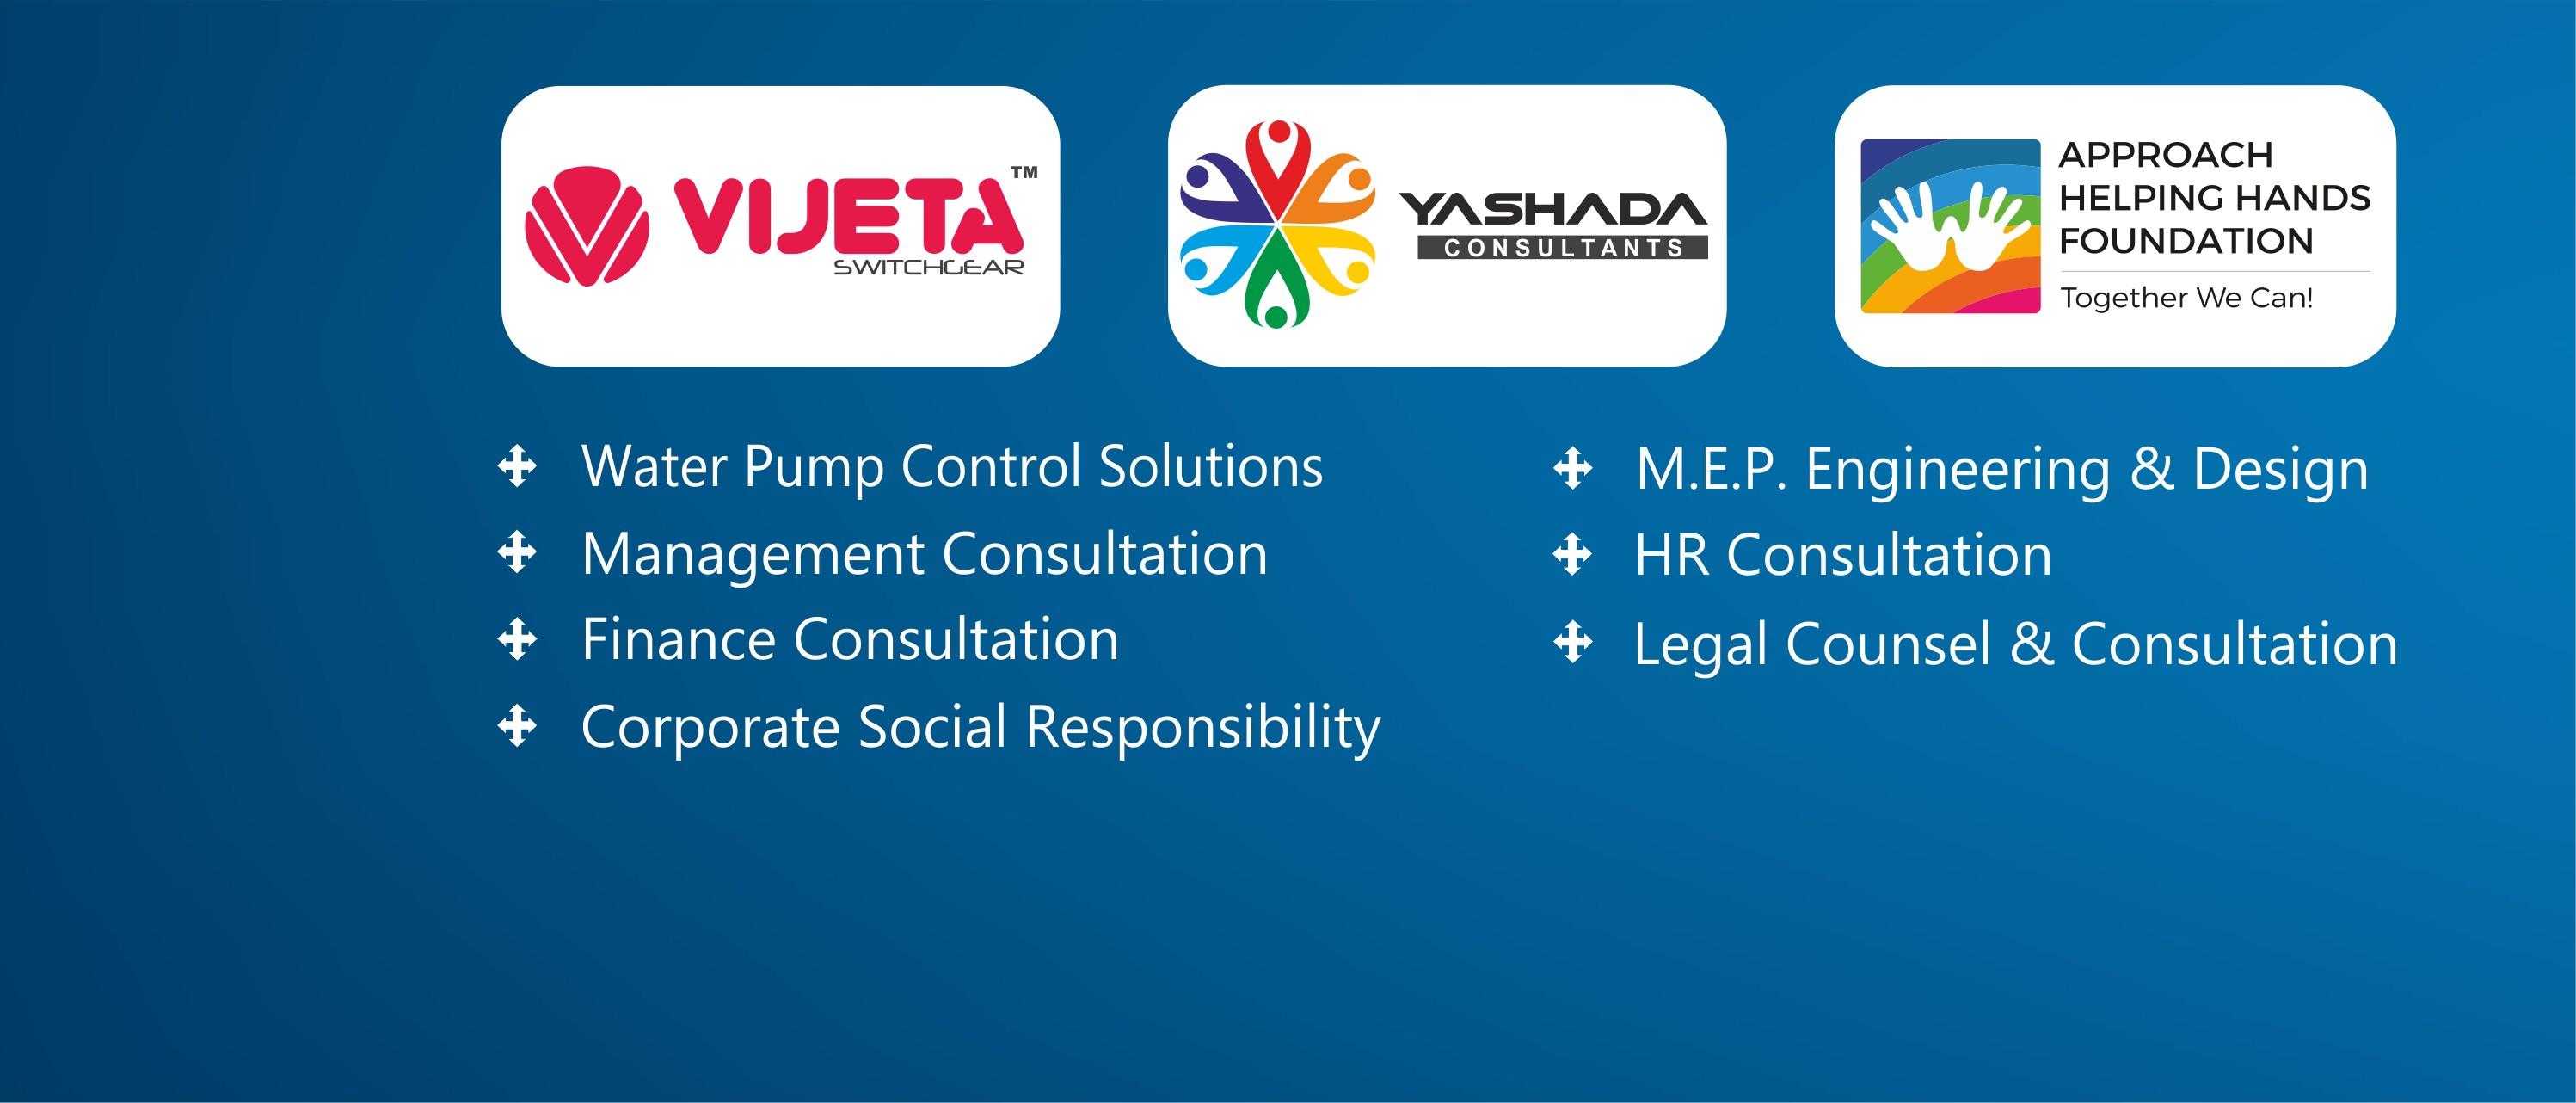 Vijeta Group (Vijeta Switchgear Pvt Ltd)   LinkedIn